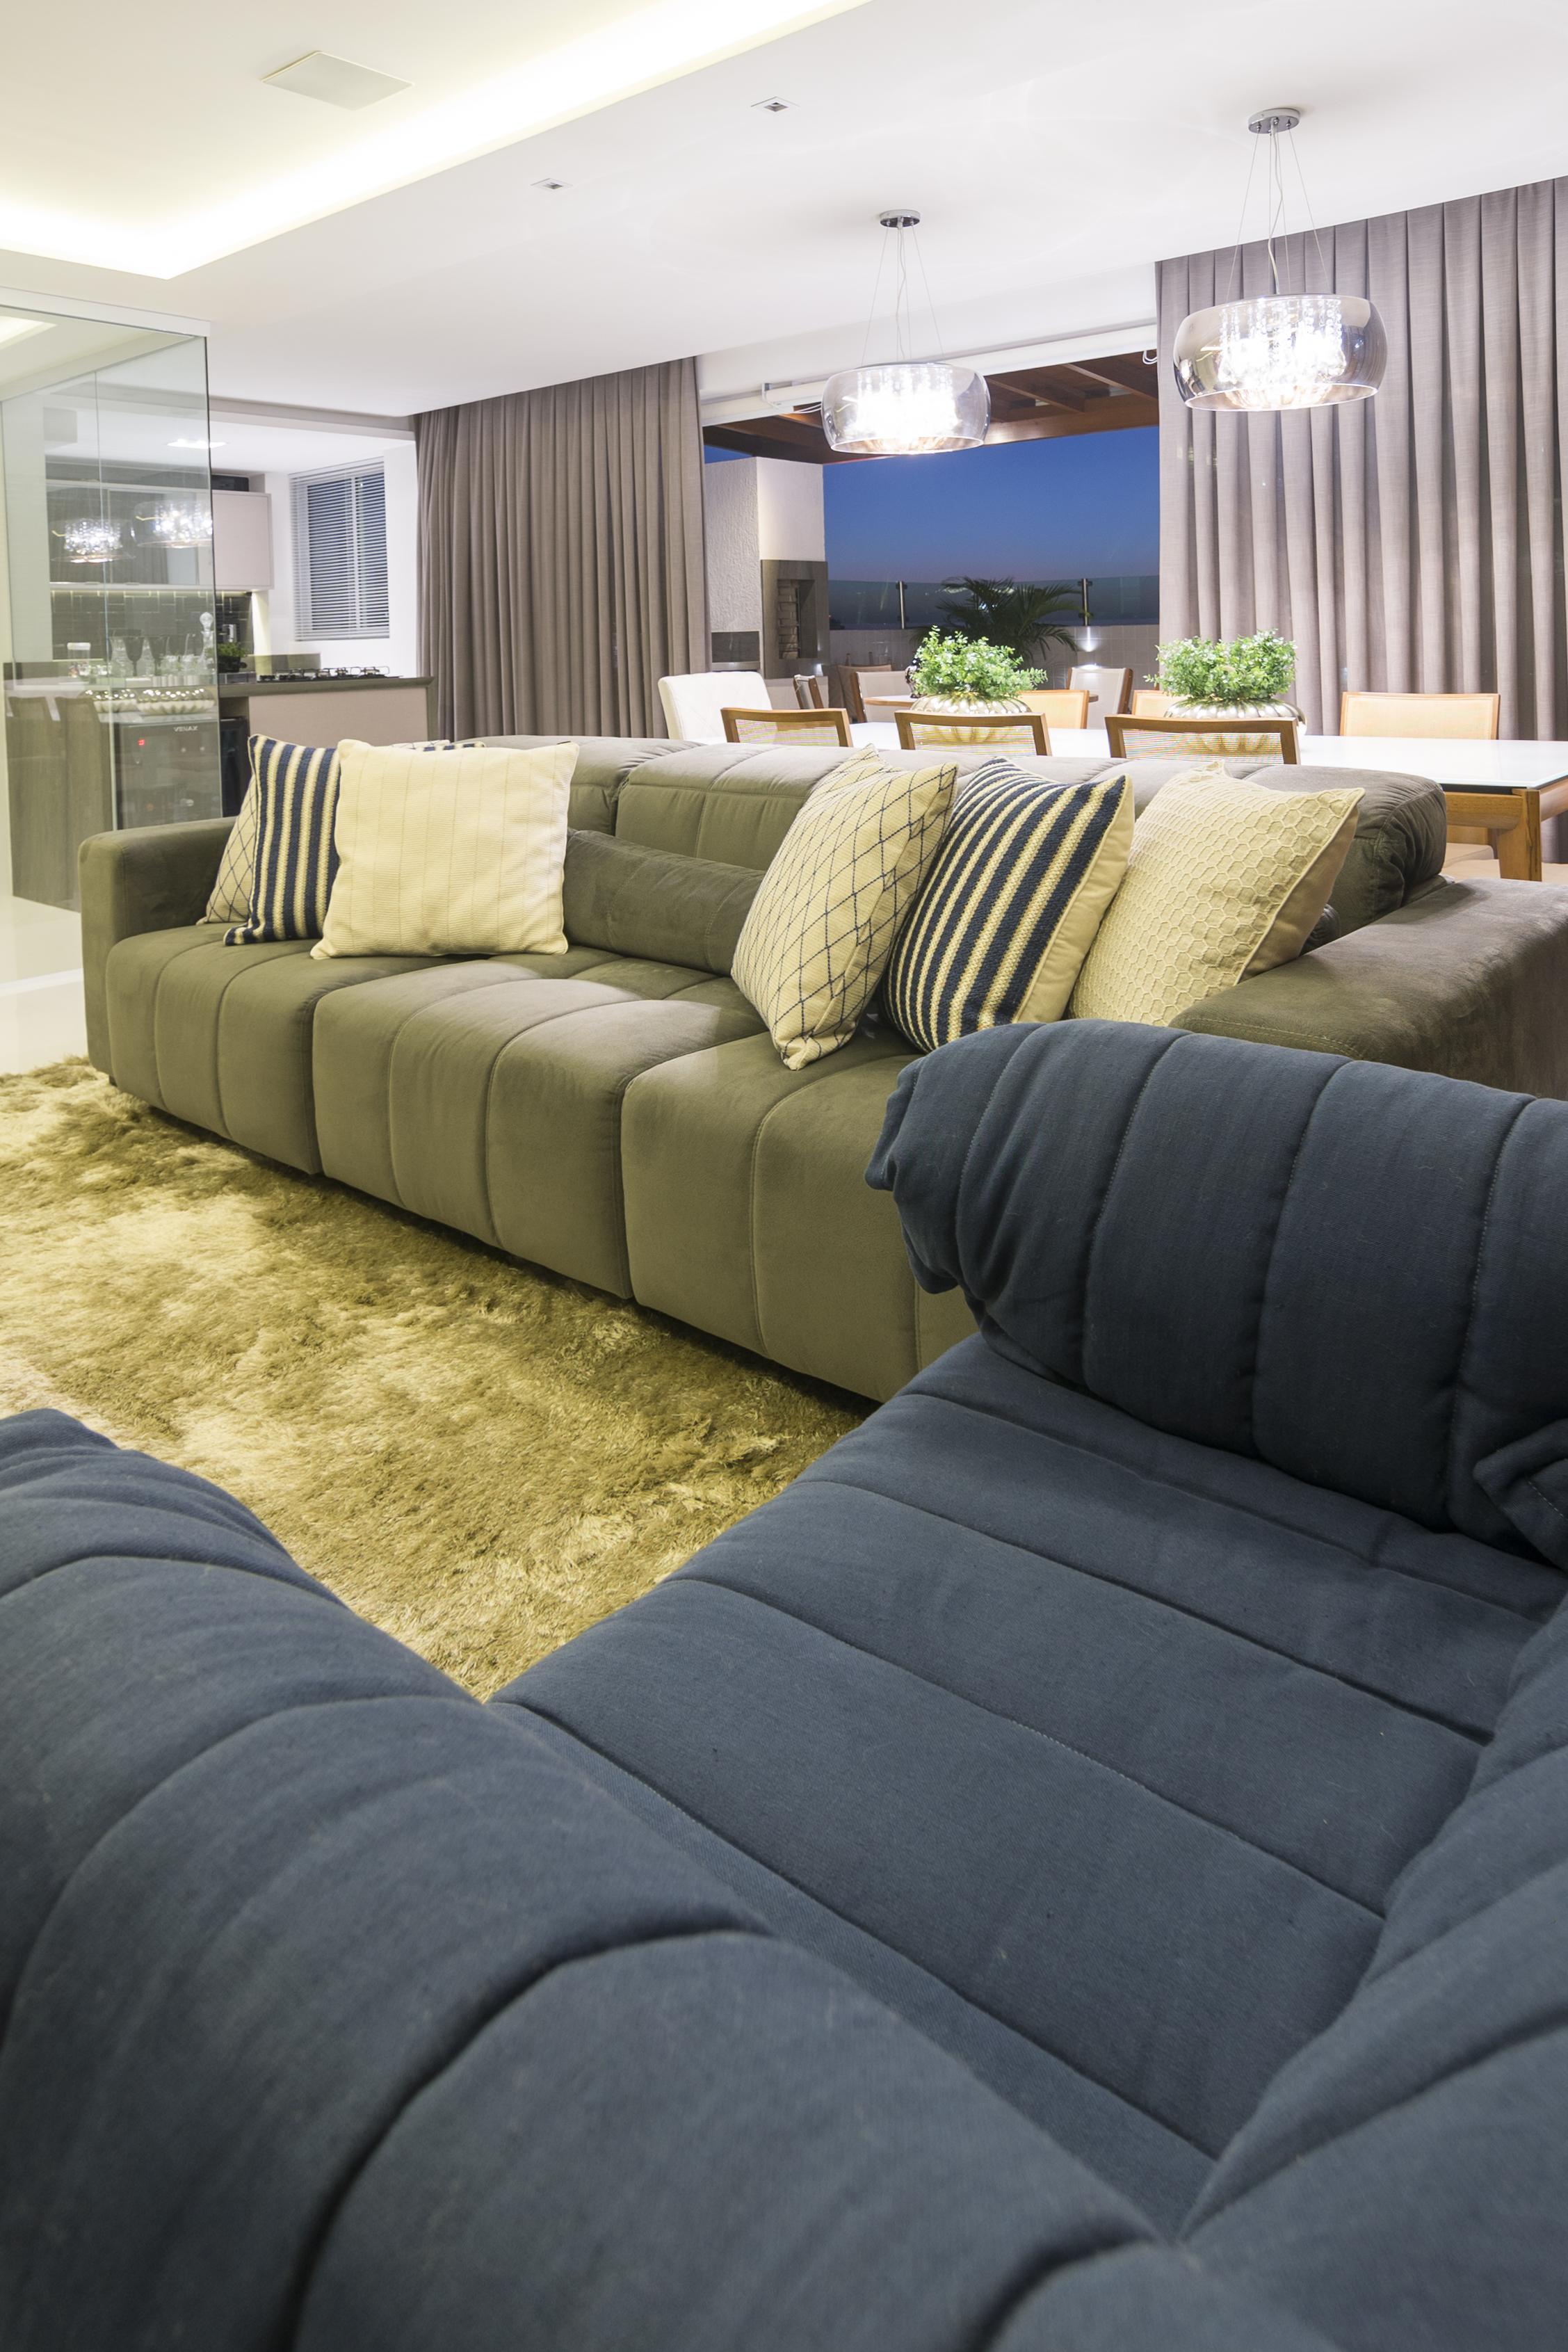 projeto-arquitetonico-robertoindira-duo-arquitetura-apartamentos-gourmet-015.jpg